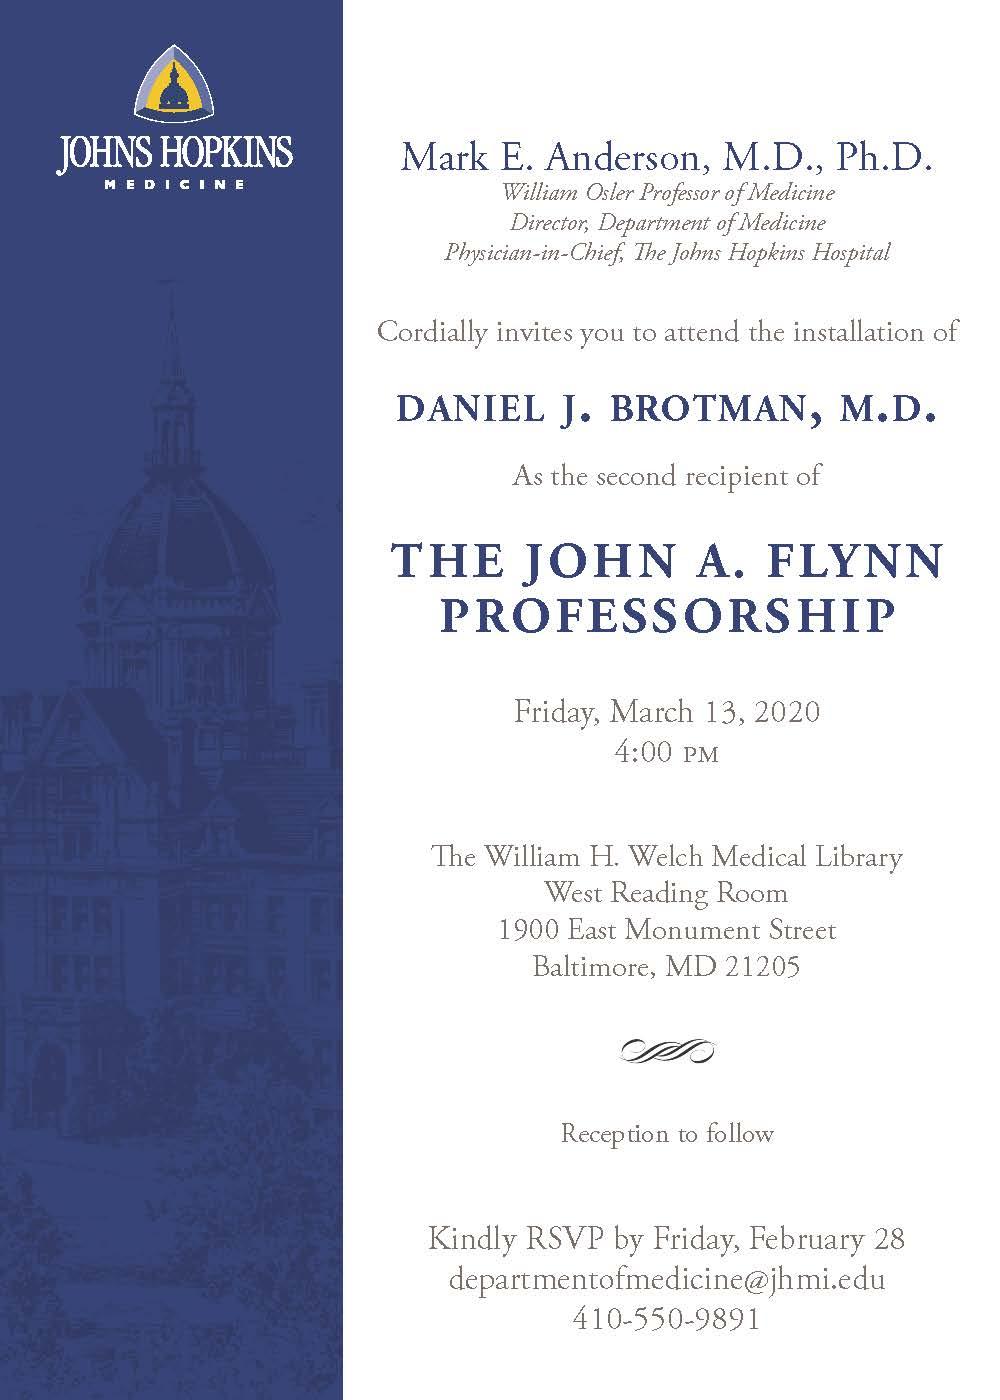 Flynn Re-Dedication Invitation FINAL[1]_Page_1